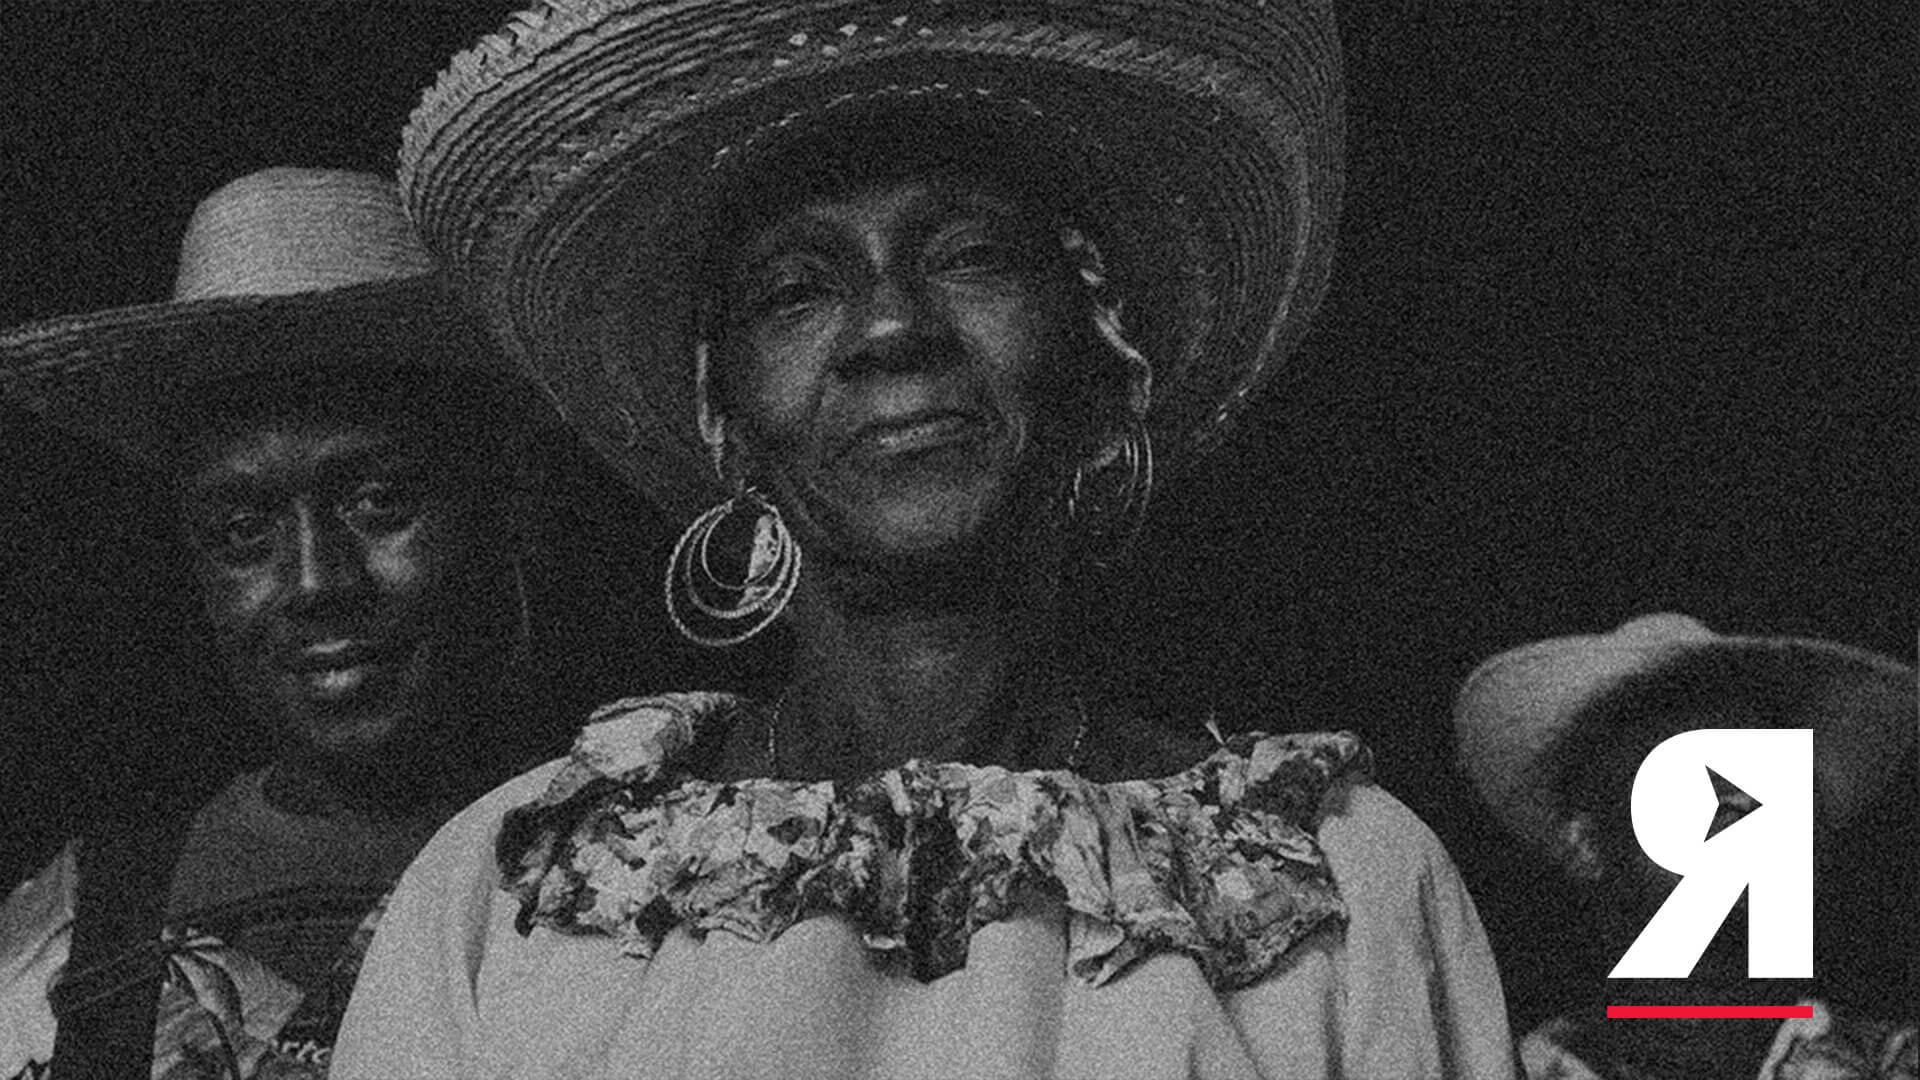 La guía Divergentes de la movilización afro en Colombia